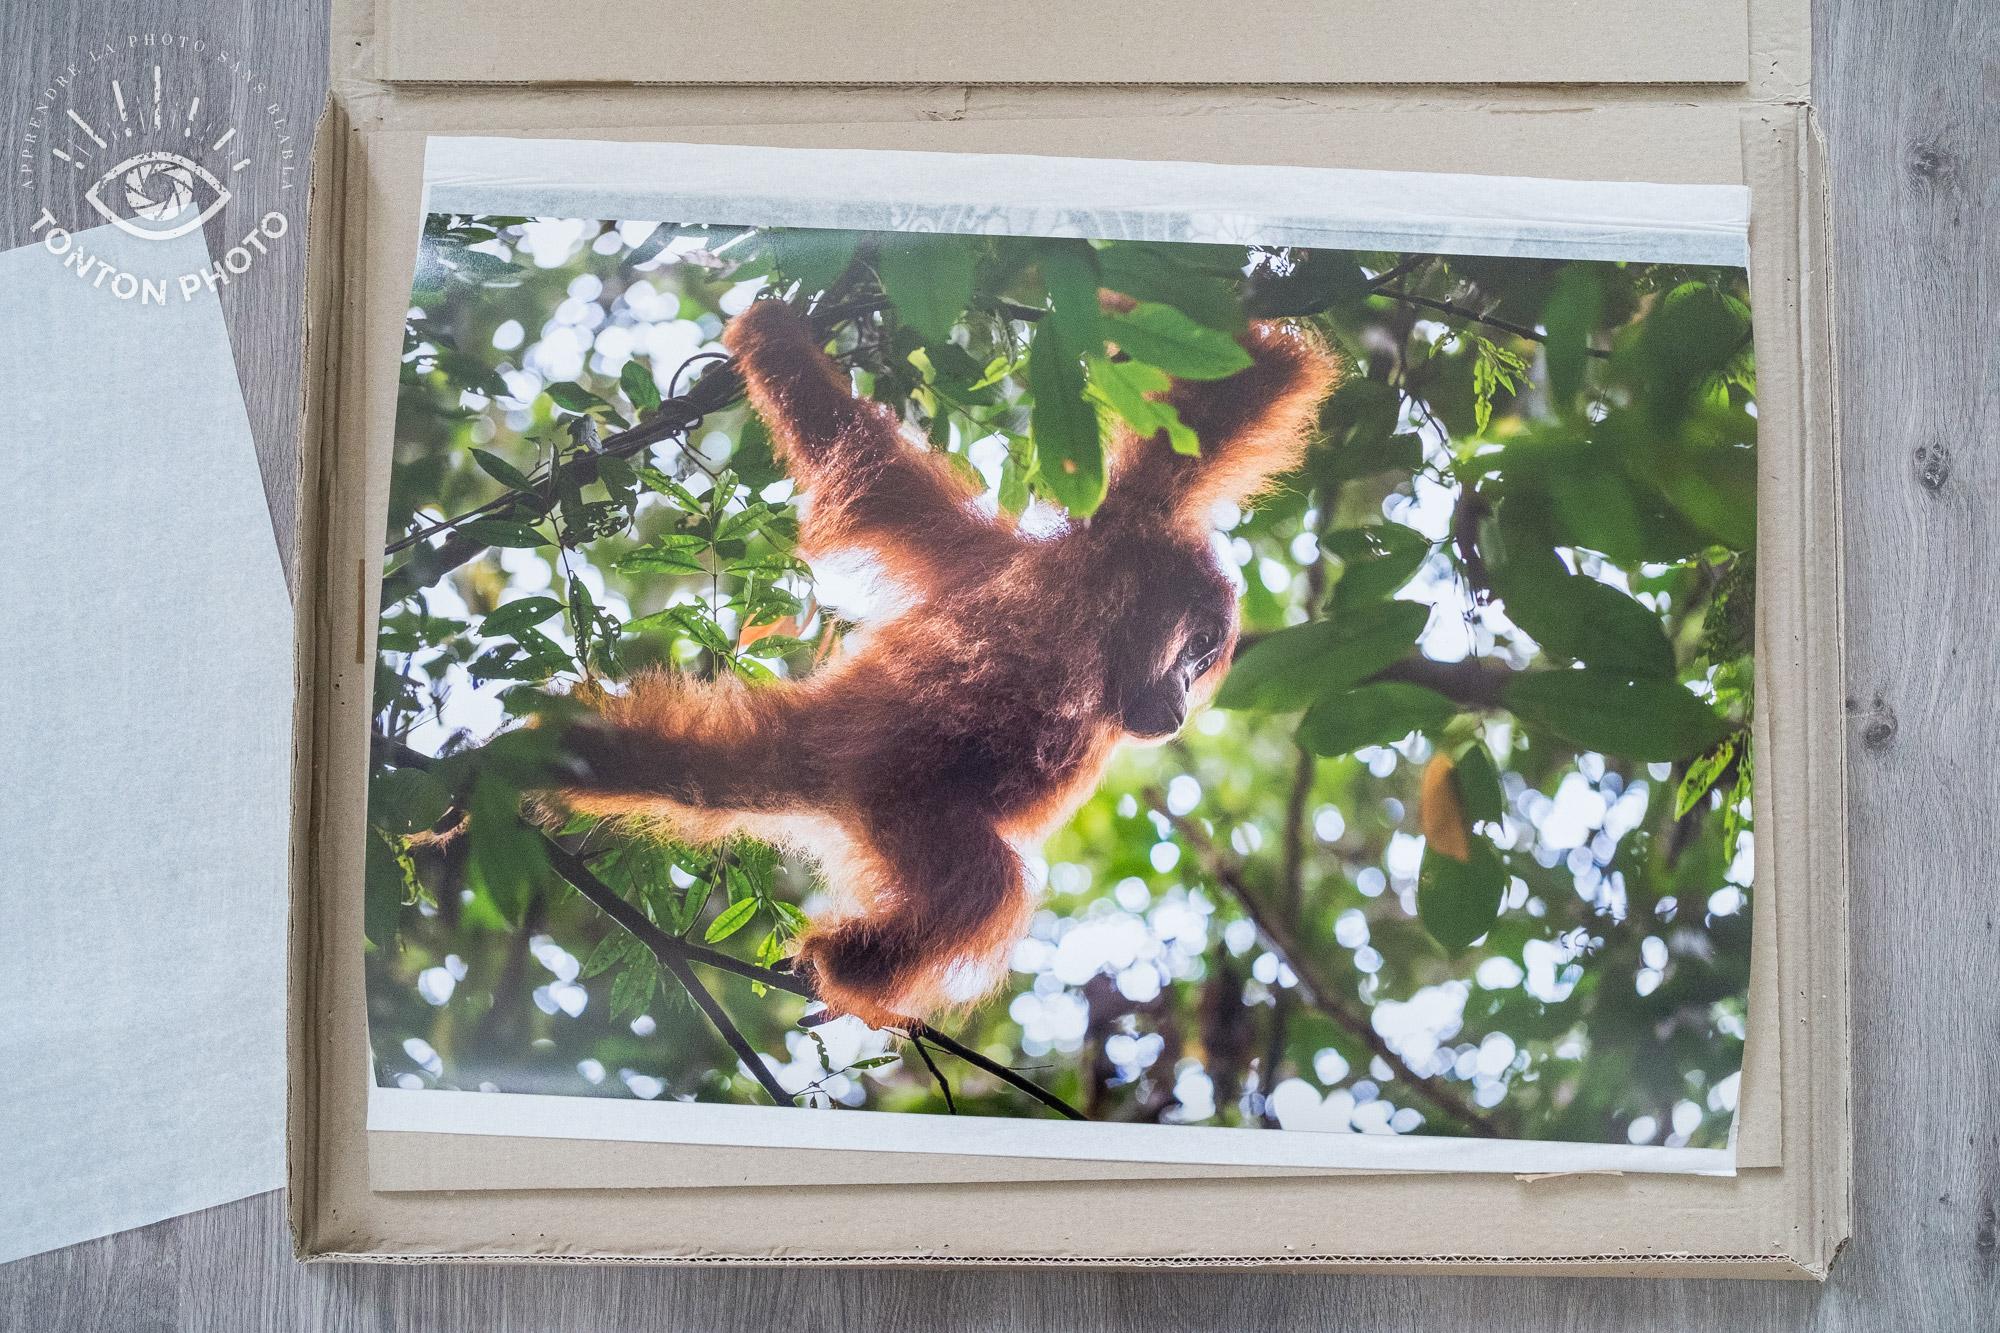 Test labophotos.fr : tirage d'art d'une photo animalière sur papier Canson Infinity Baryta Prestige 340g © Tonton Photo